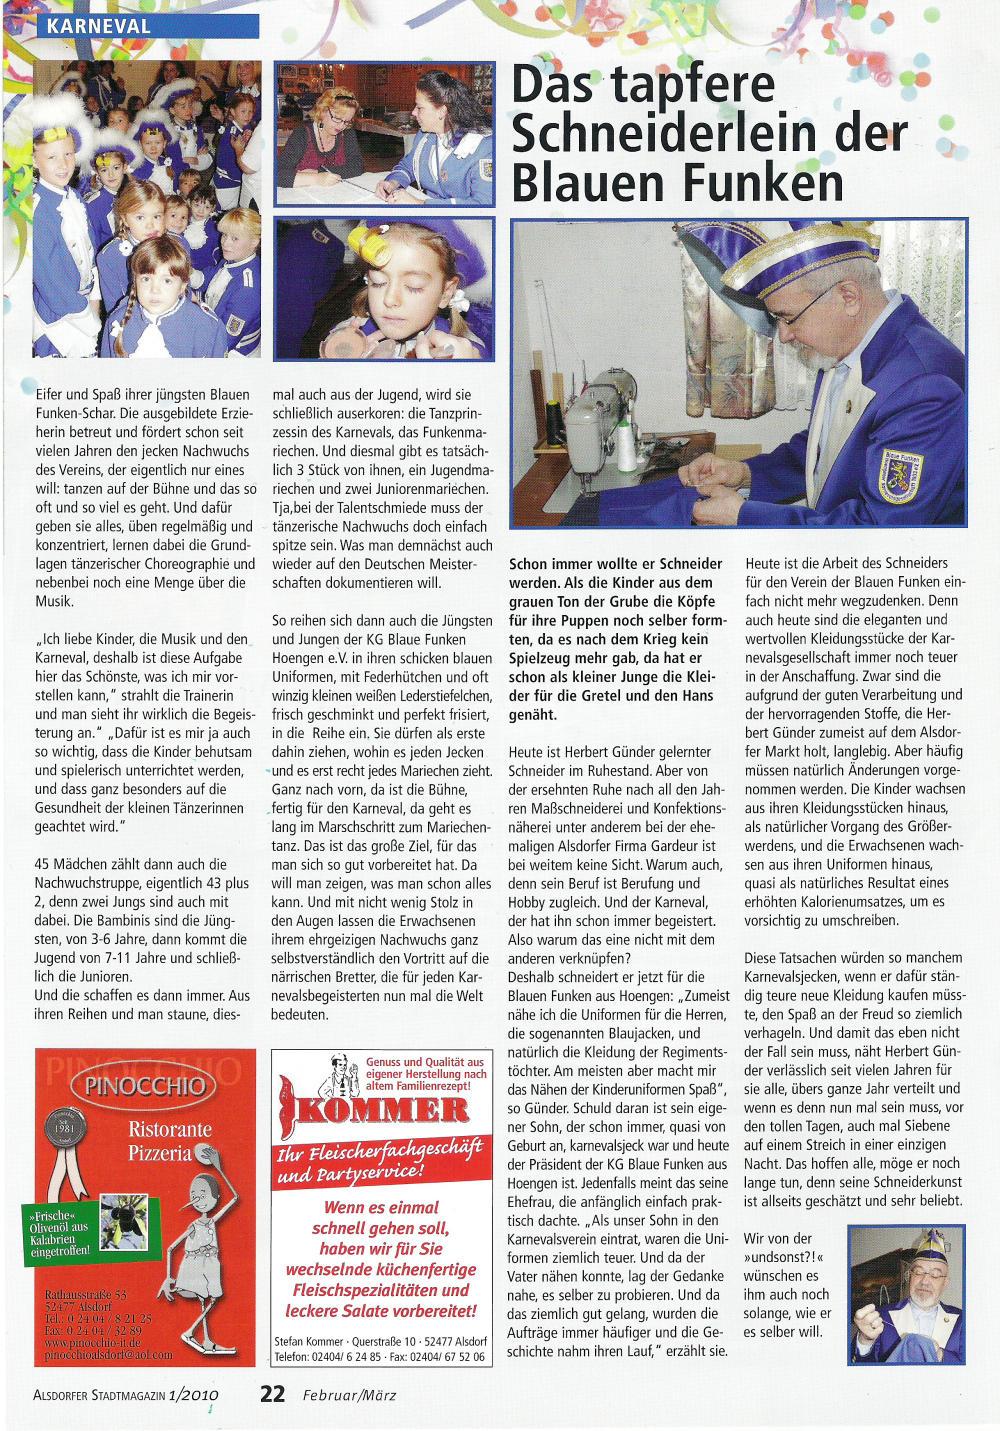 Stadtmagazin Und sonst?! Ausgabe 1/2010 Seite 22